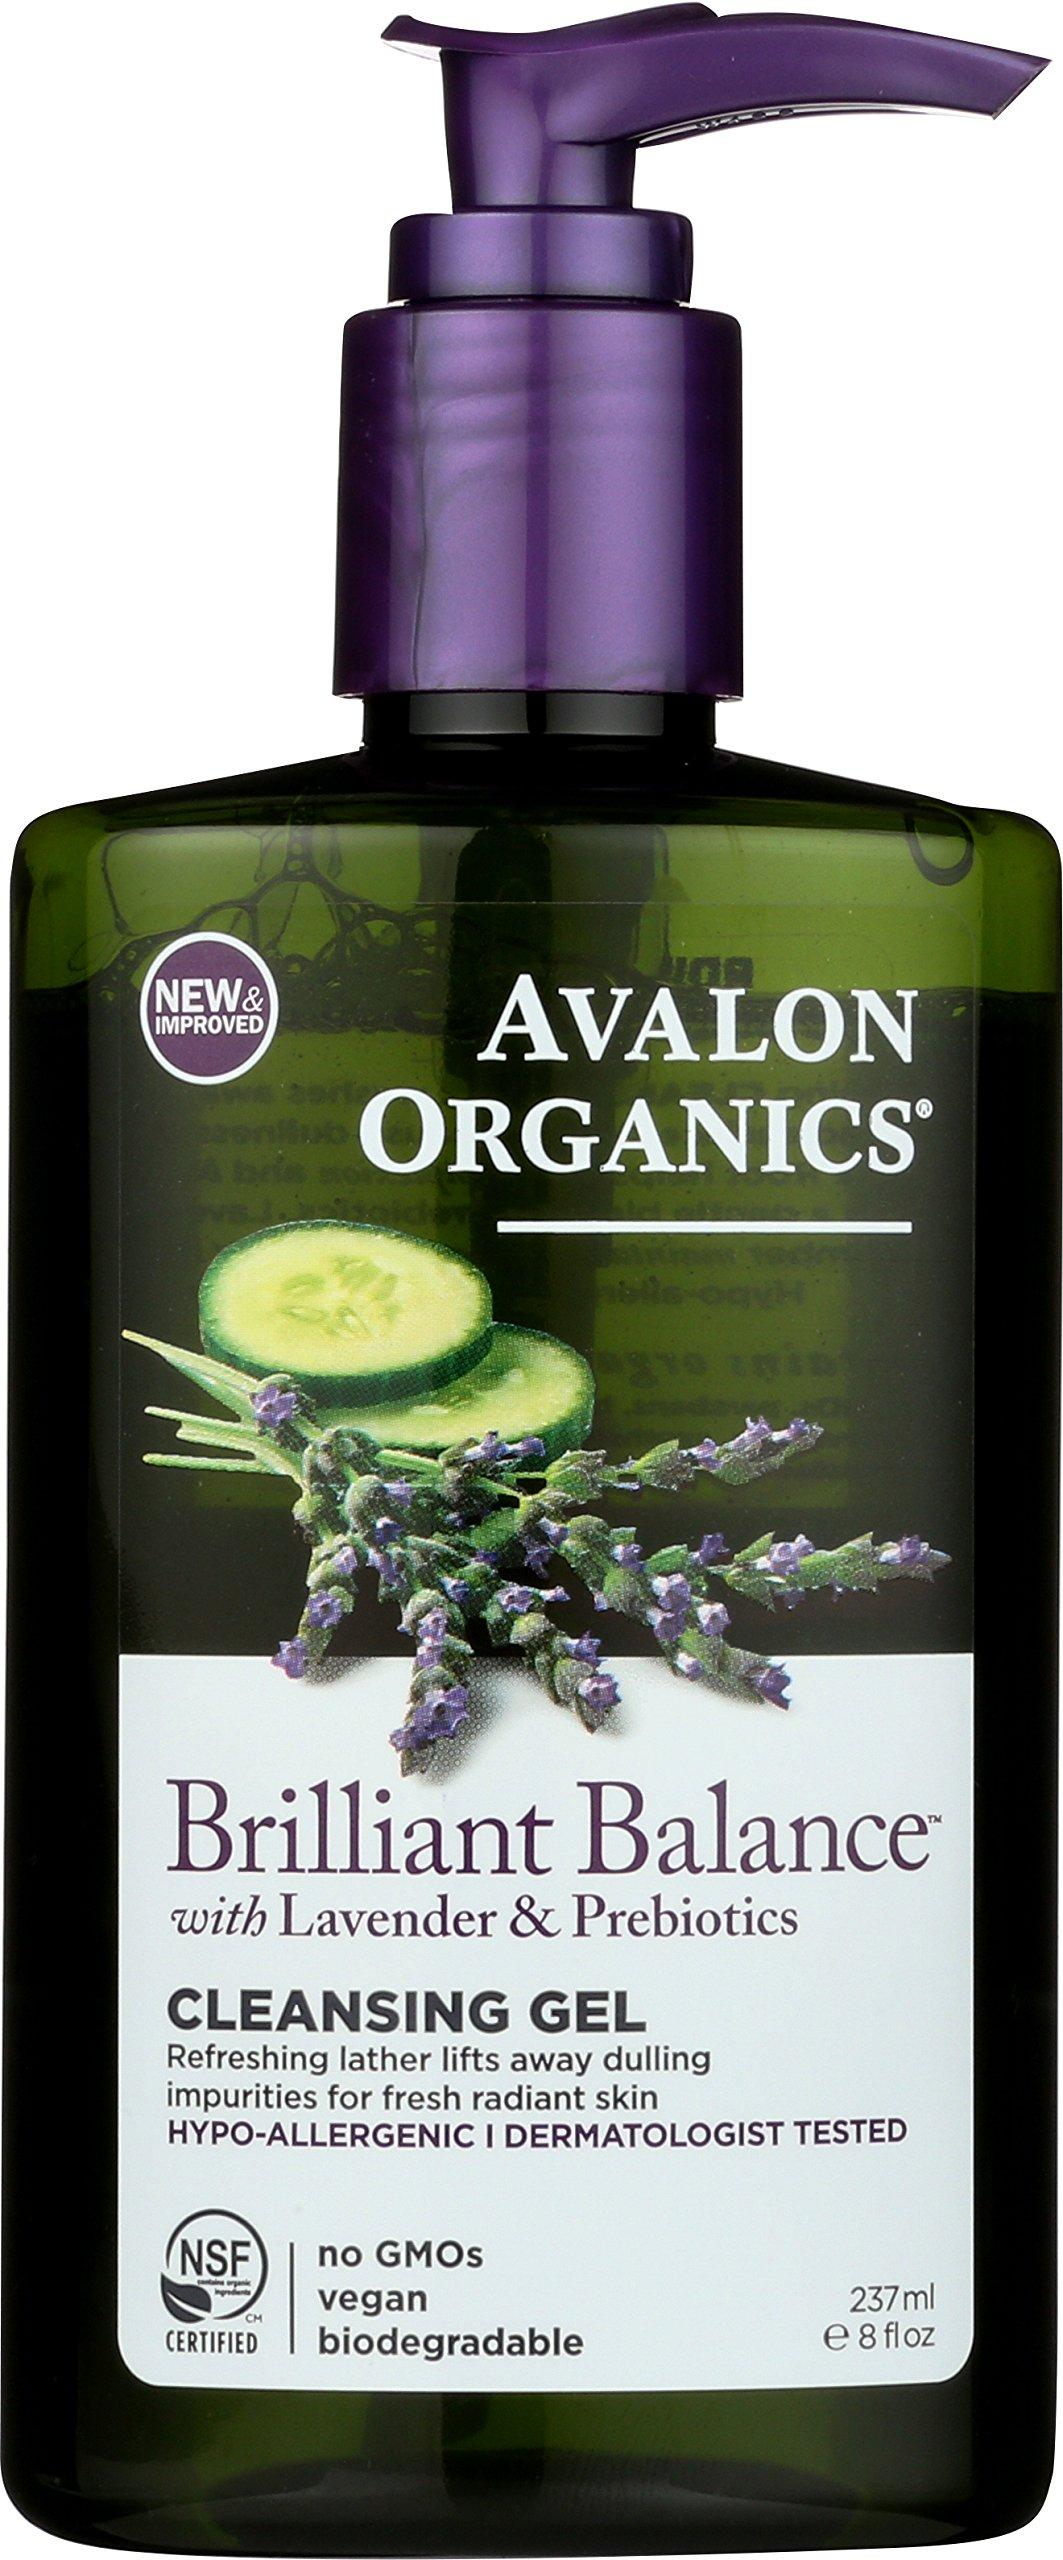 Avalon Organics Brilliant Balance Cleansing Gel, 8 Fluid Ounce